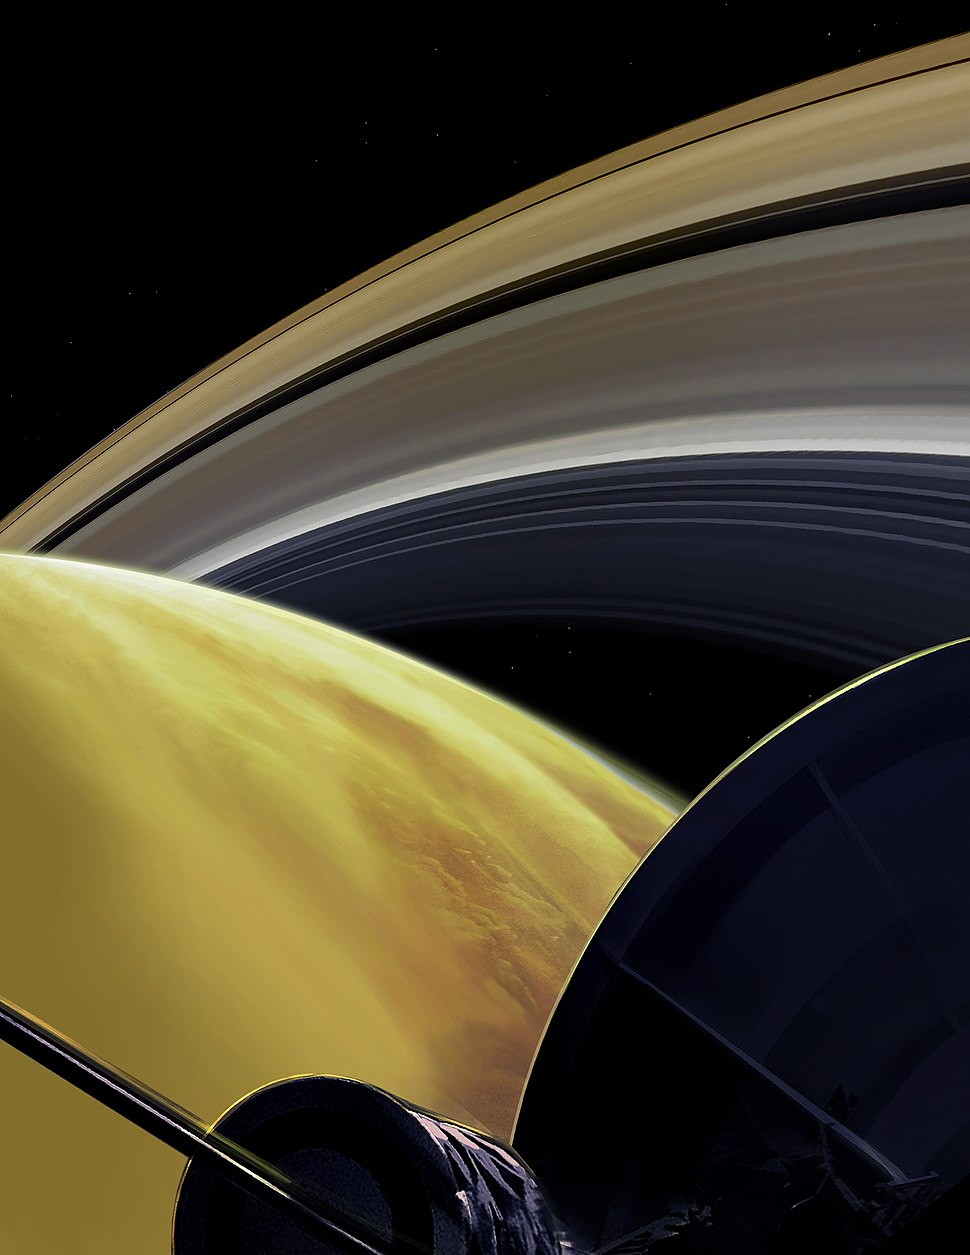 PIA22768-CassiniOrbitsSaturn-FinalDive-ArtistConcept-20181003